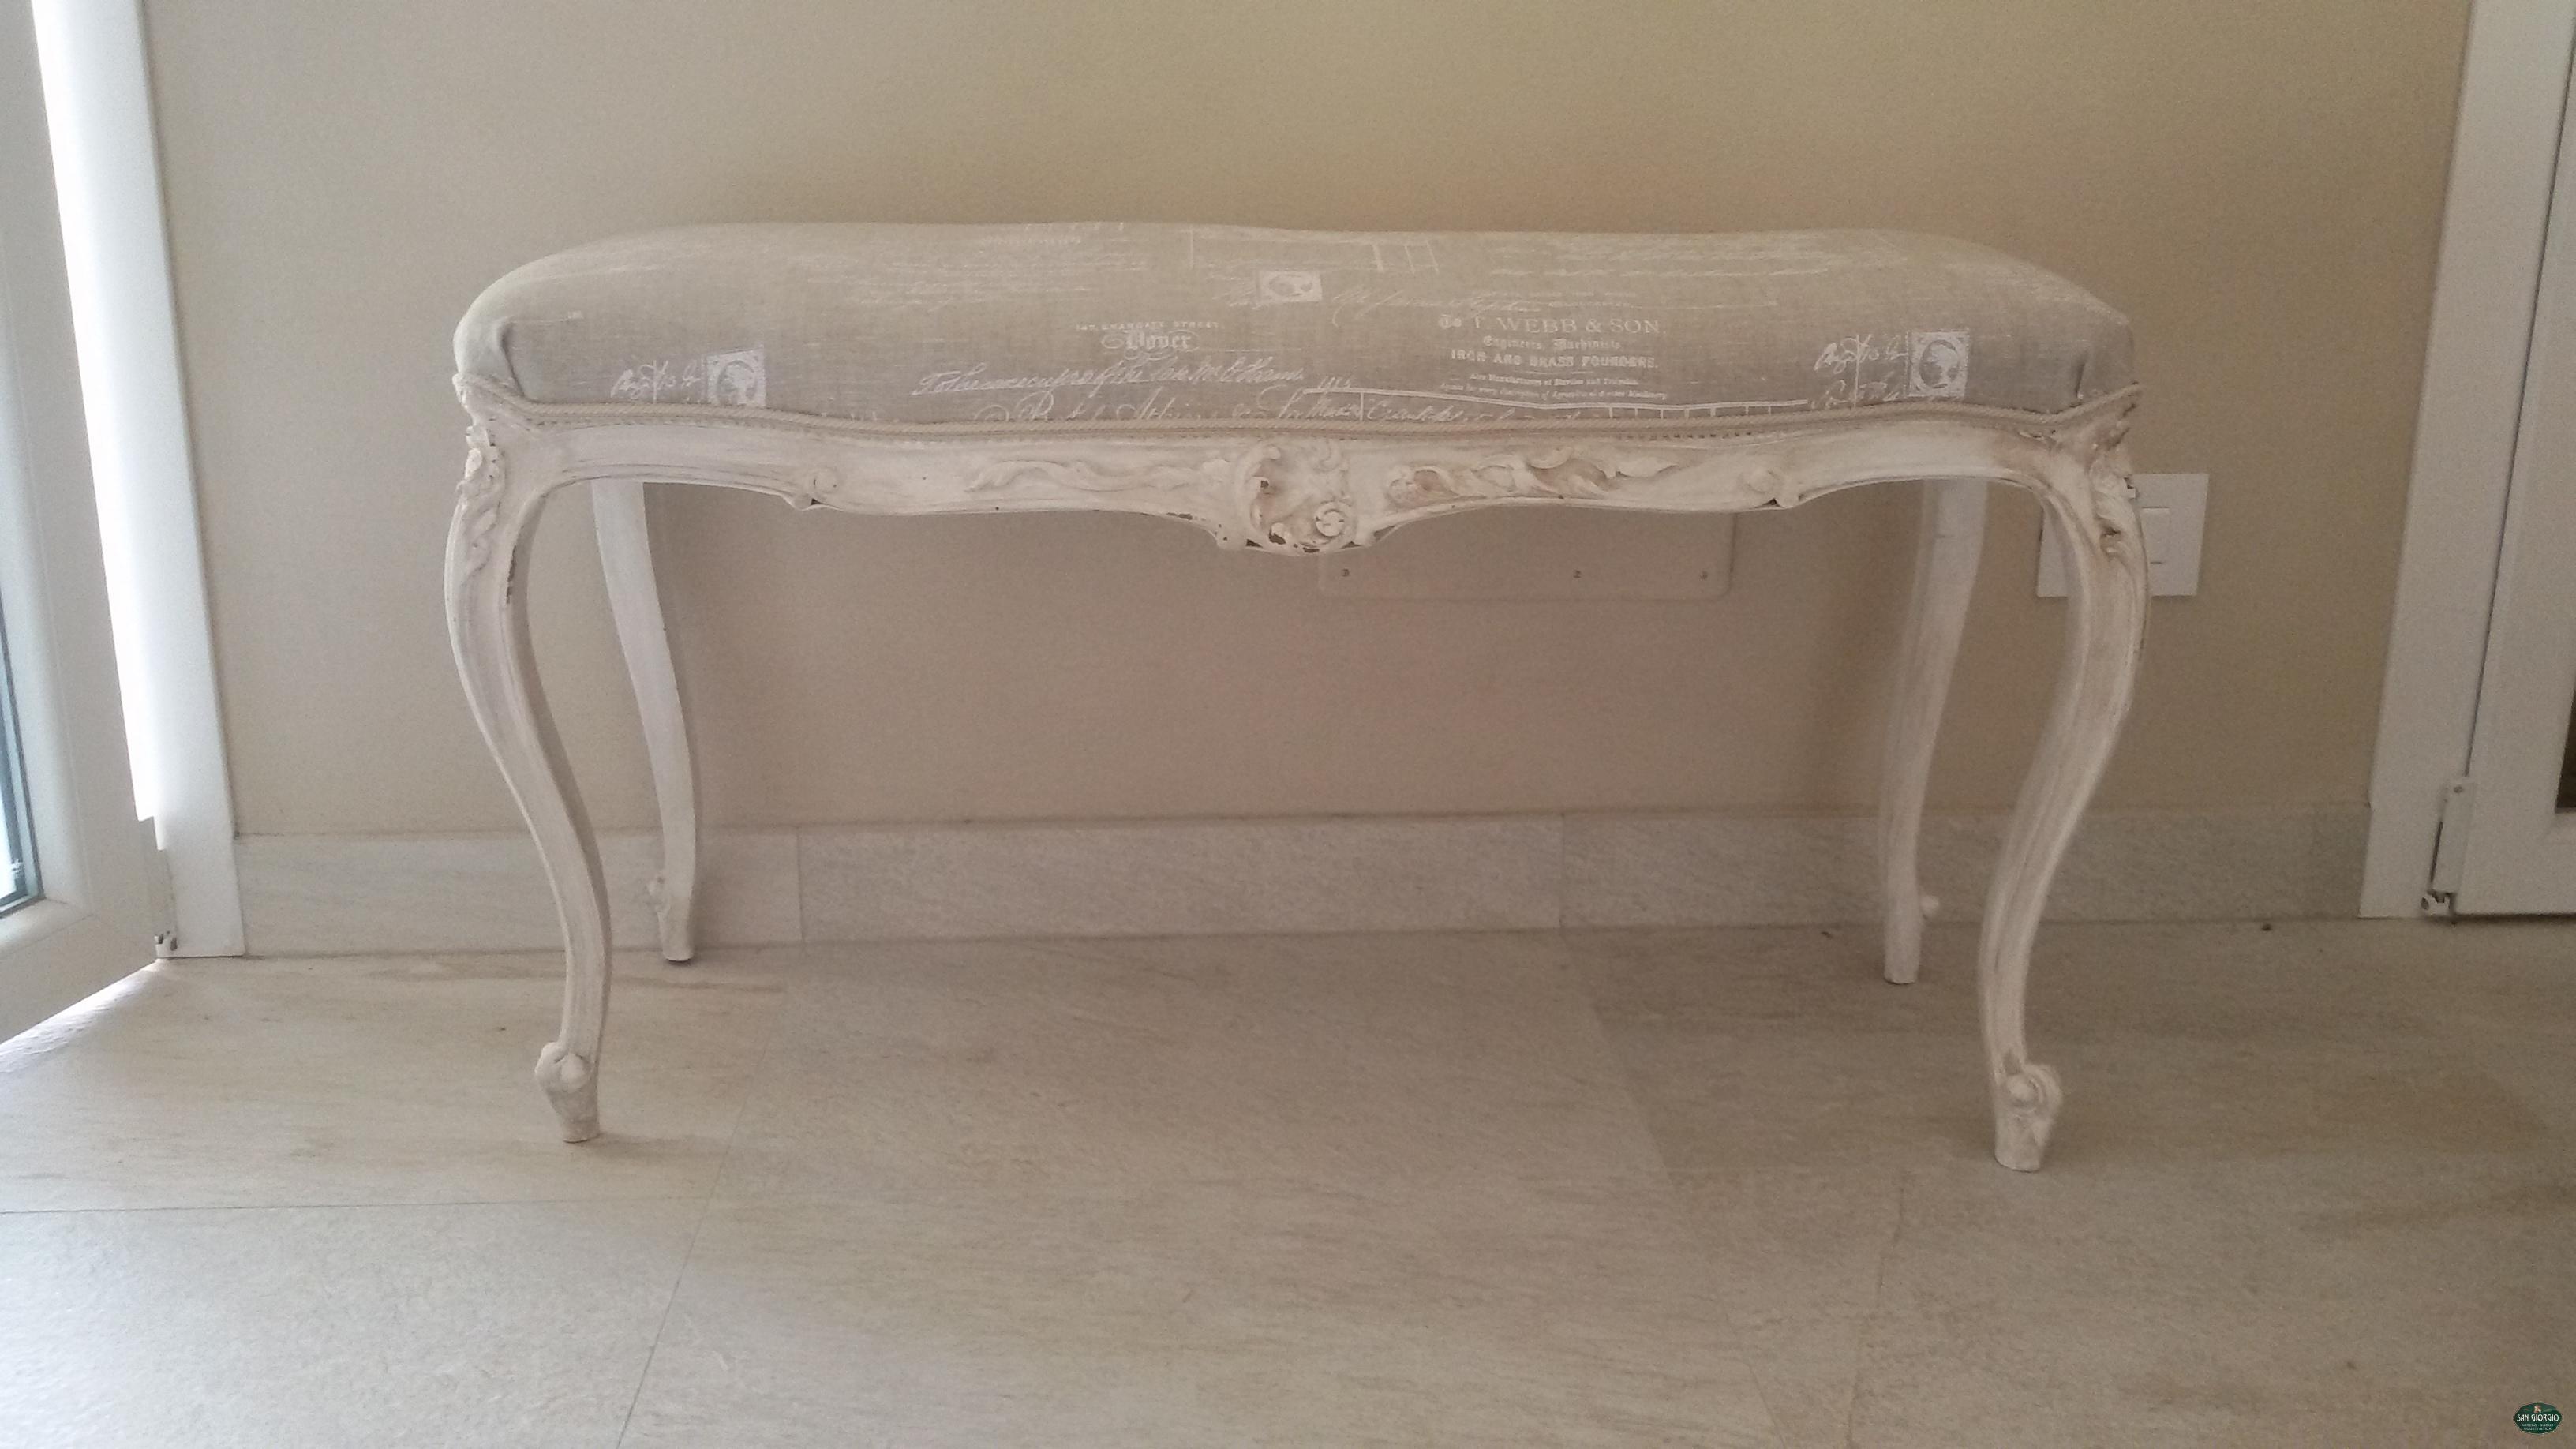 Panca Imbottita Colorata : Panca con sedile imbottito per sale attesa idfdesign